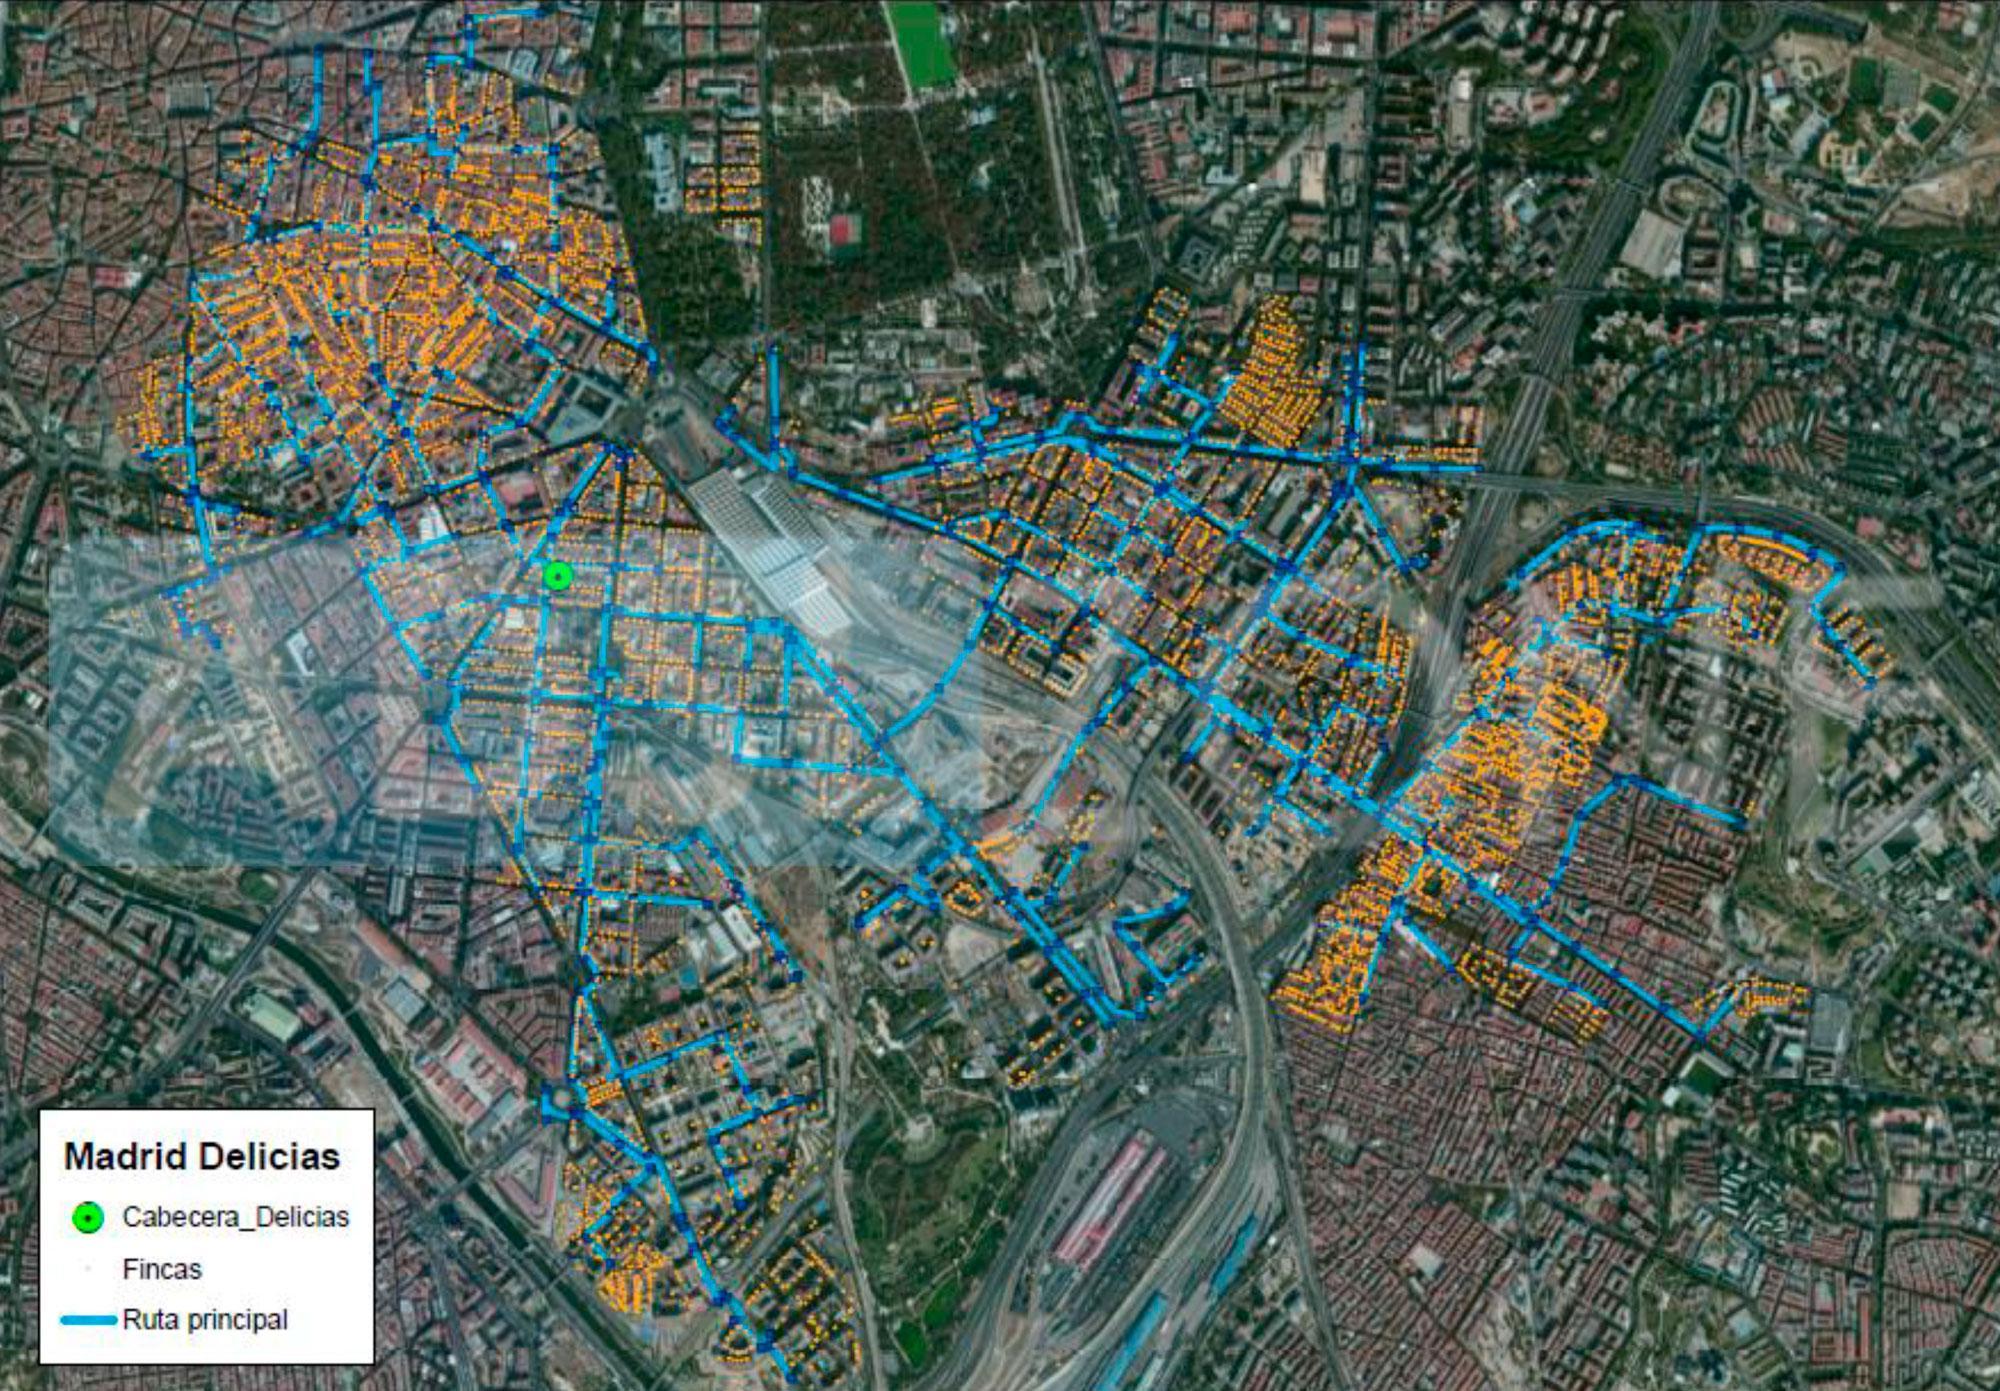 Mapa Cobertura Fibra Optica.Mapa De Cobertura De Fibra Optica De Masmovil Por Ciudades Y